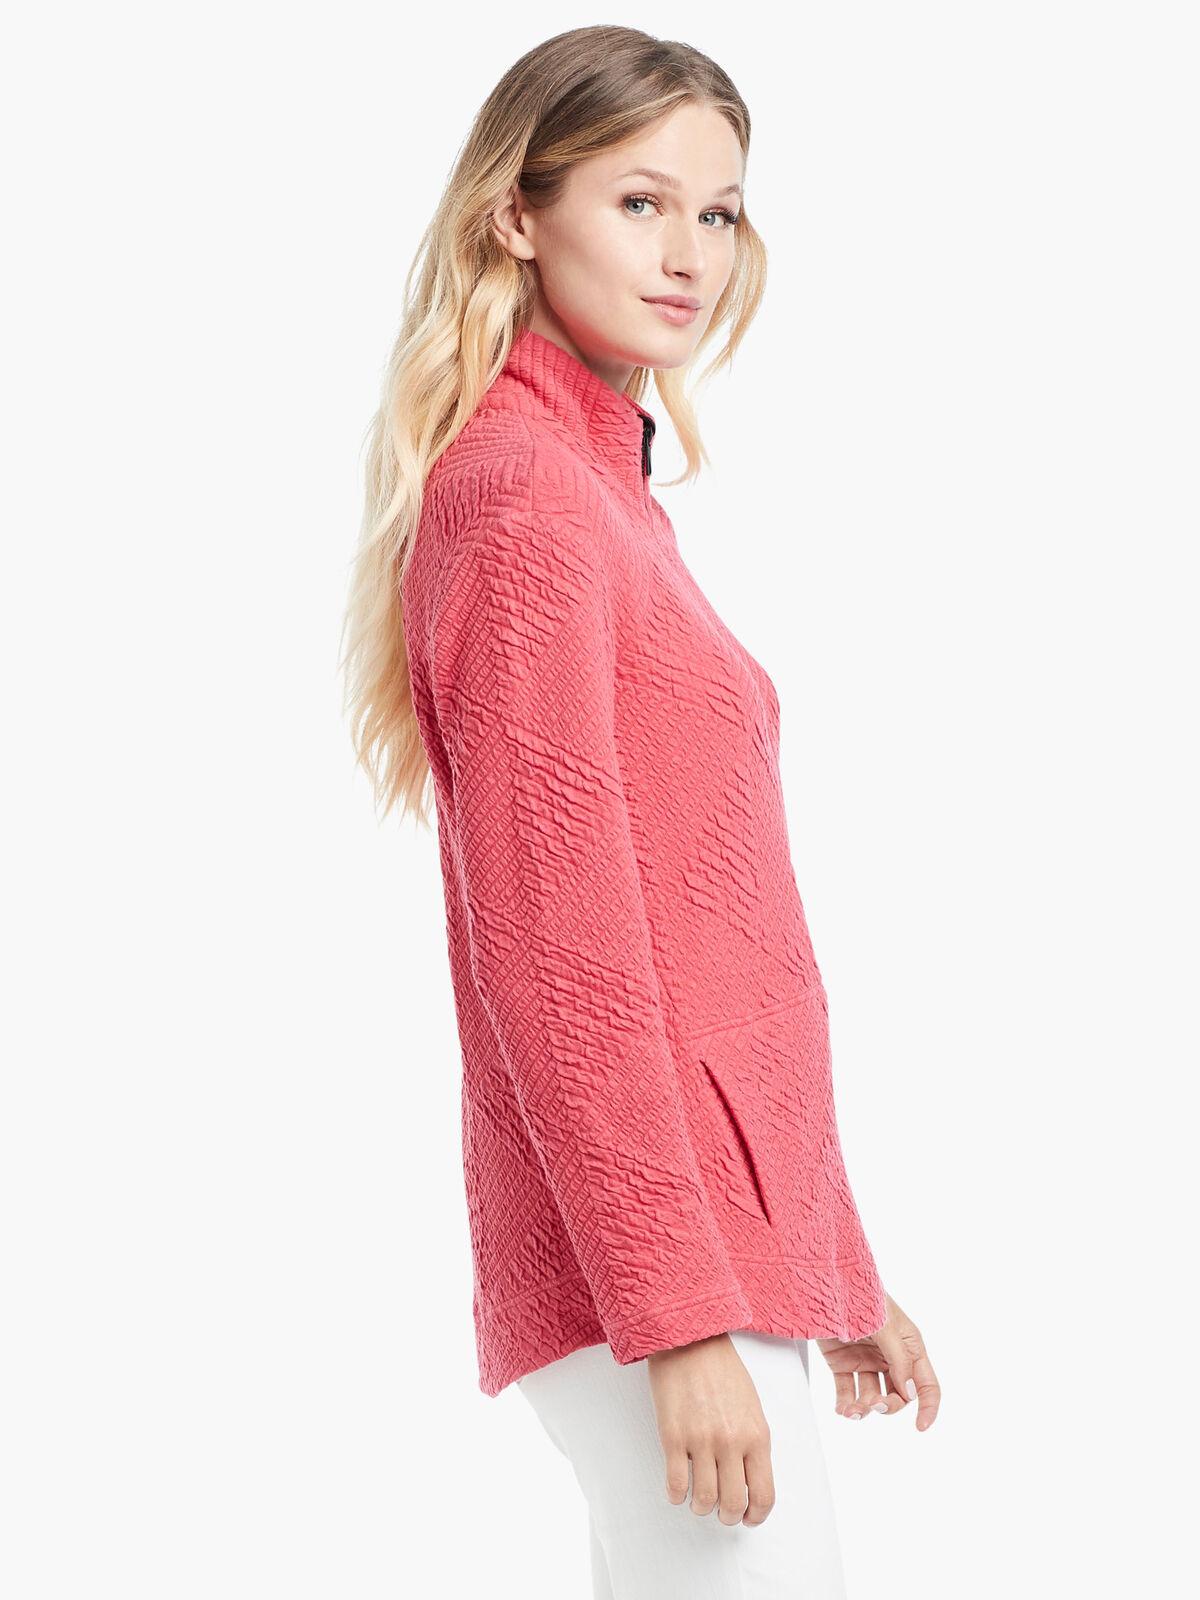 Zip It Up Sweater